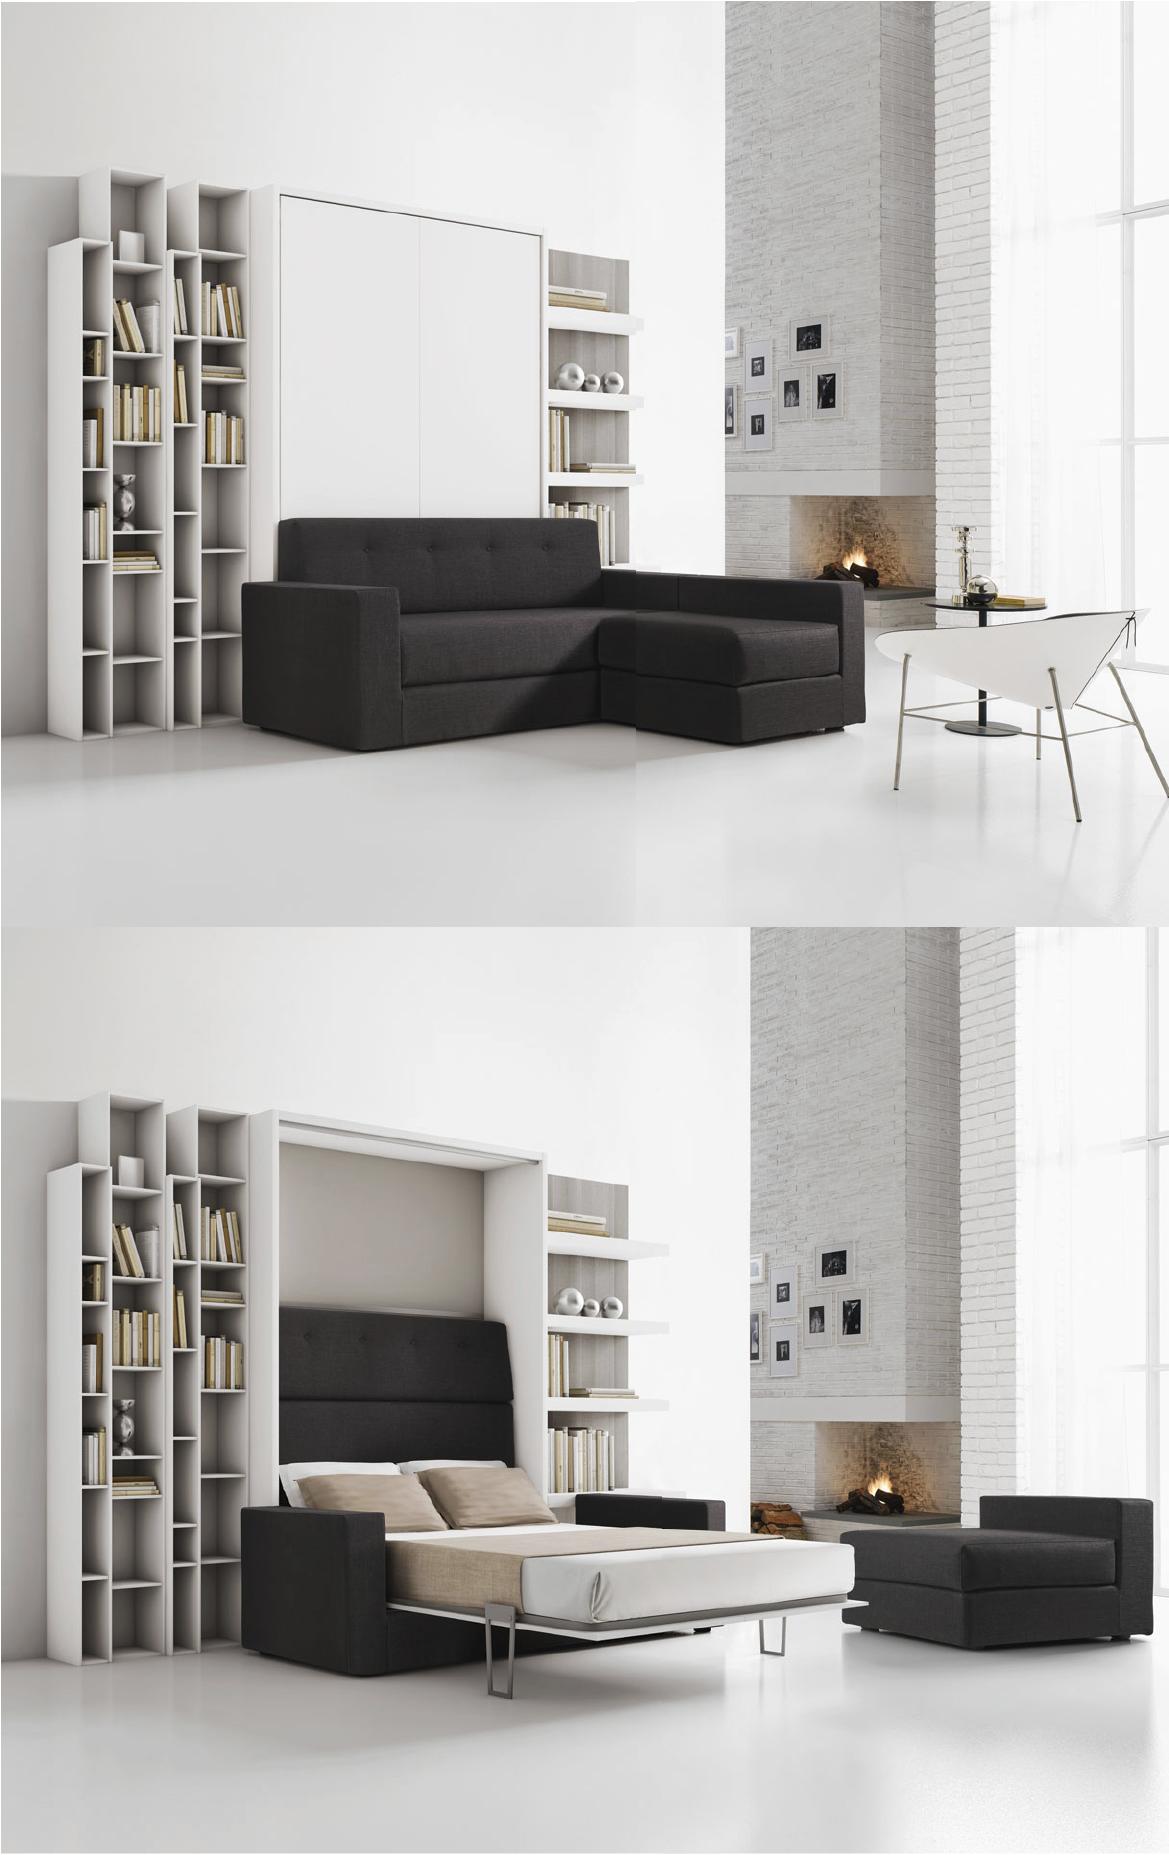 Lit escamotable personnalisable nouveaut for Meuble japonais futon